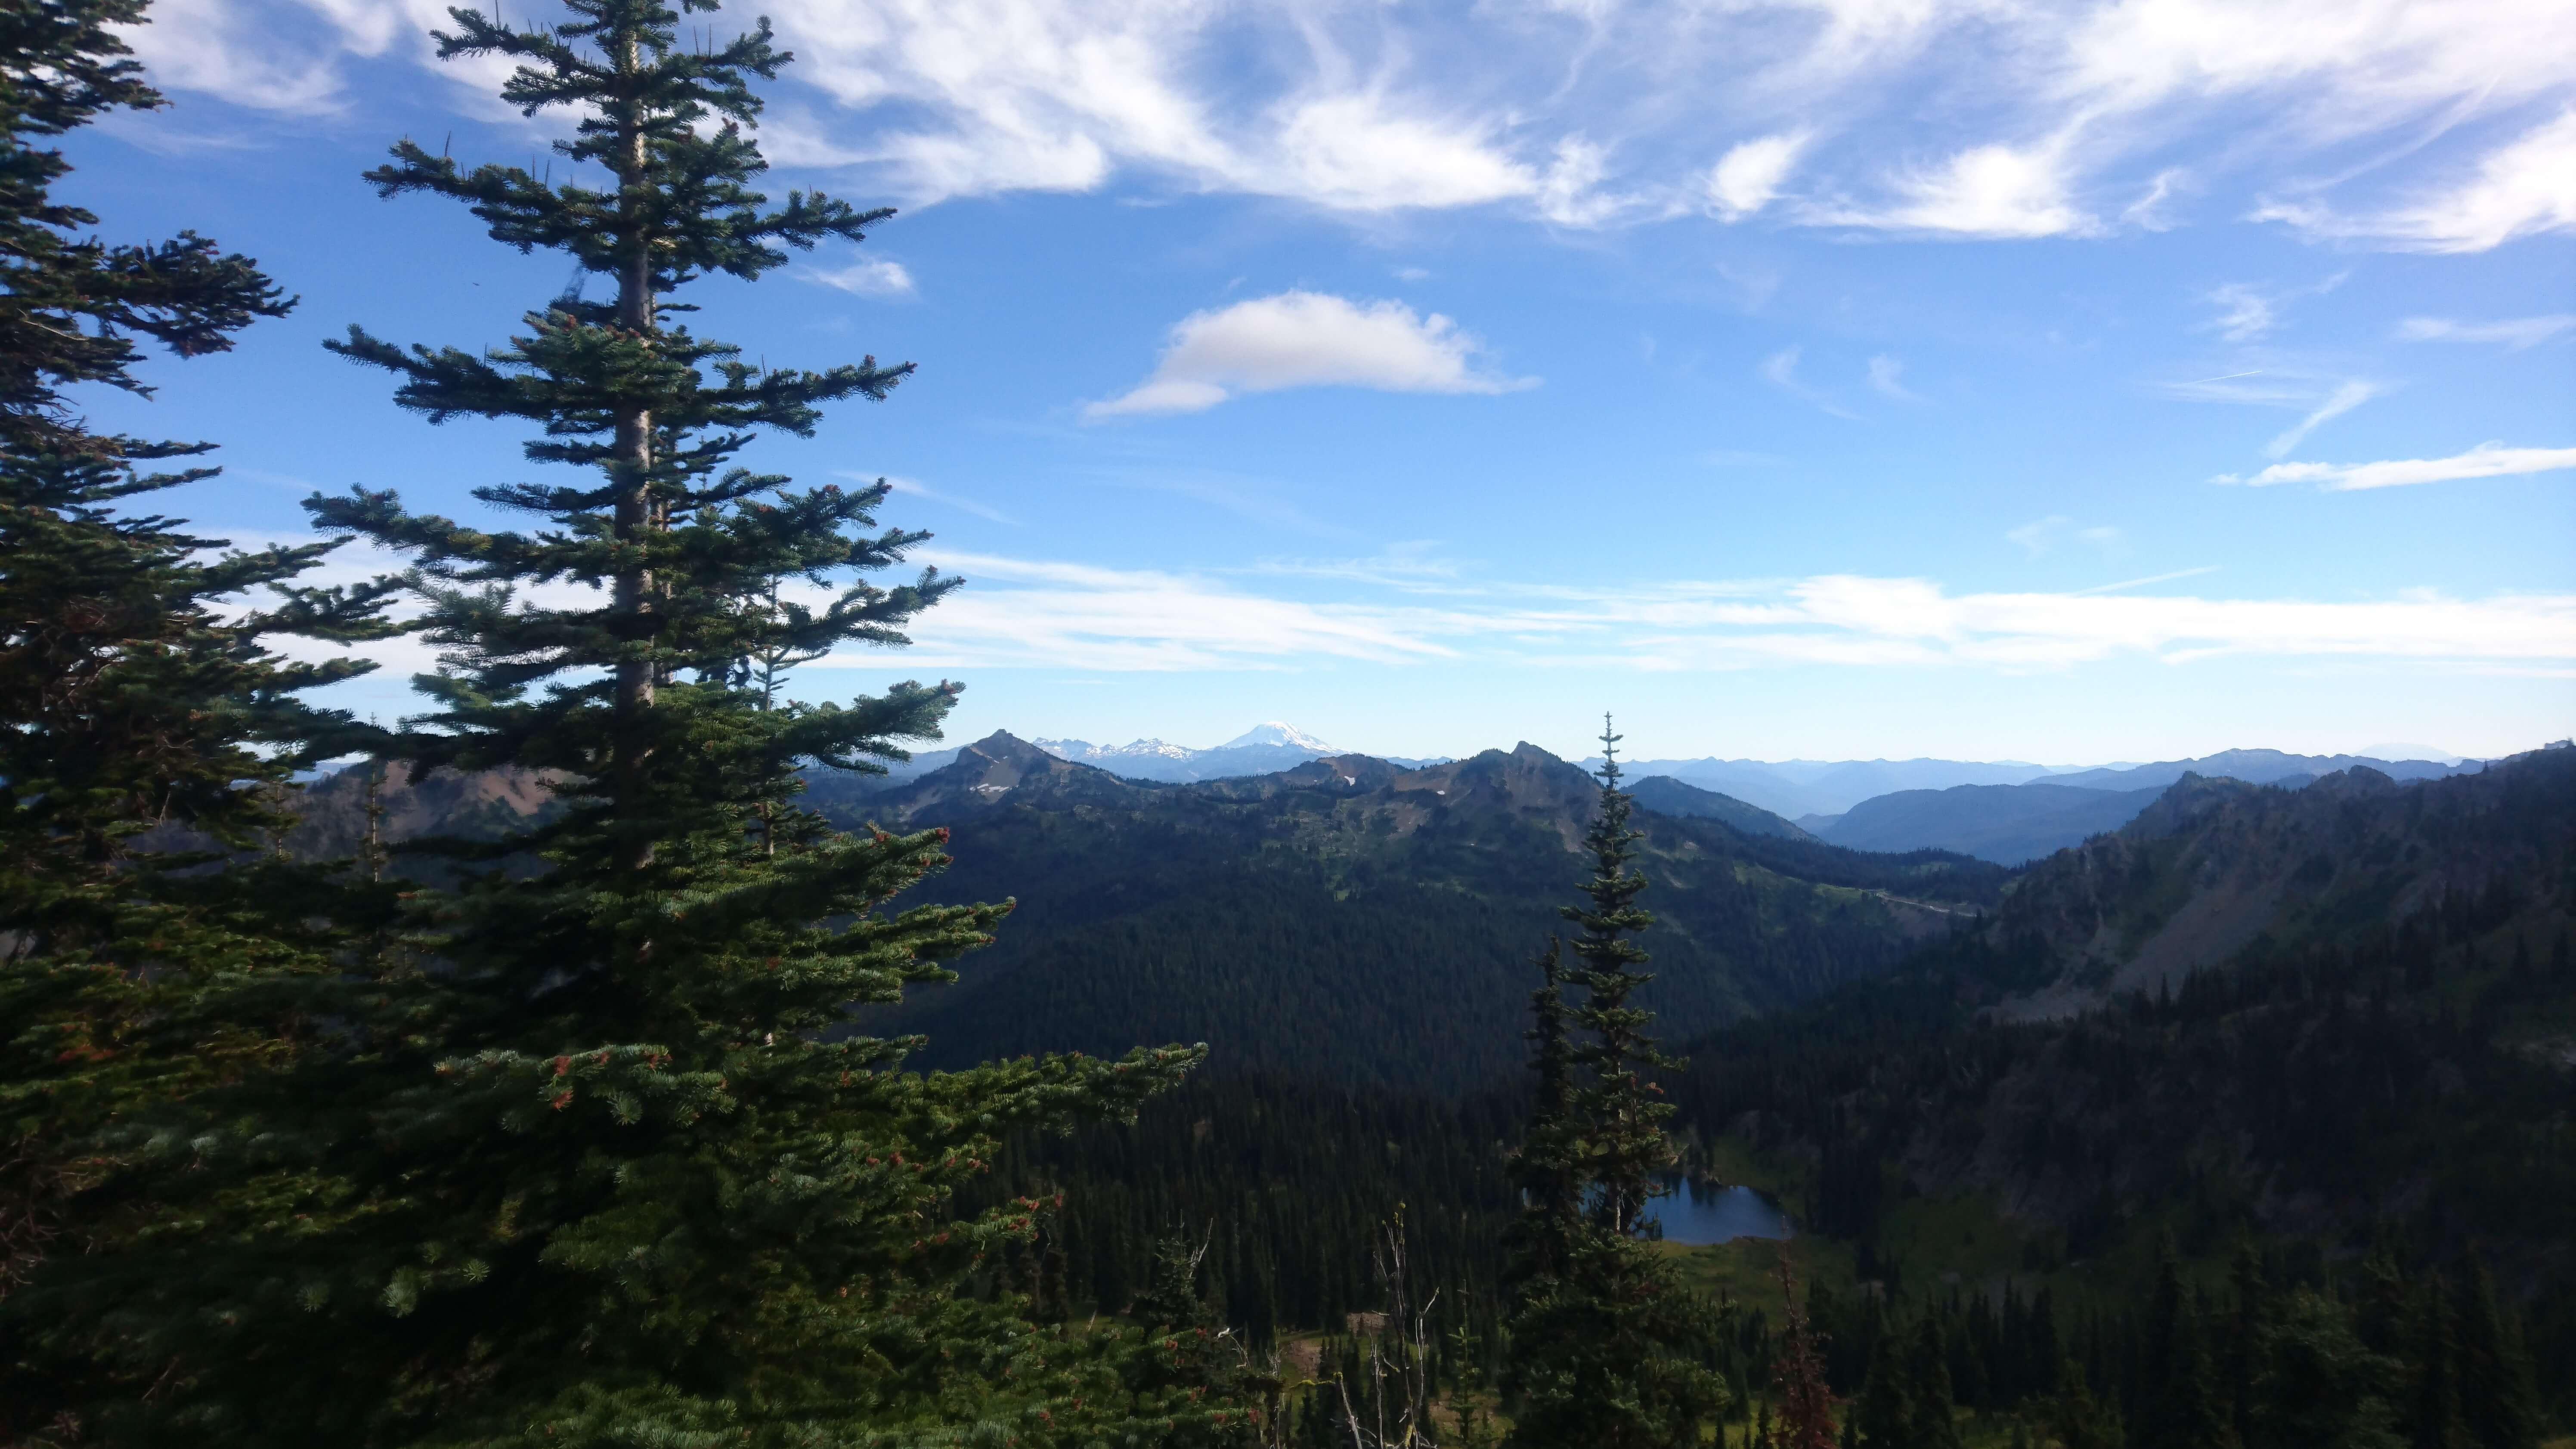 Le Mount Hood et le Mount Adams